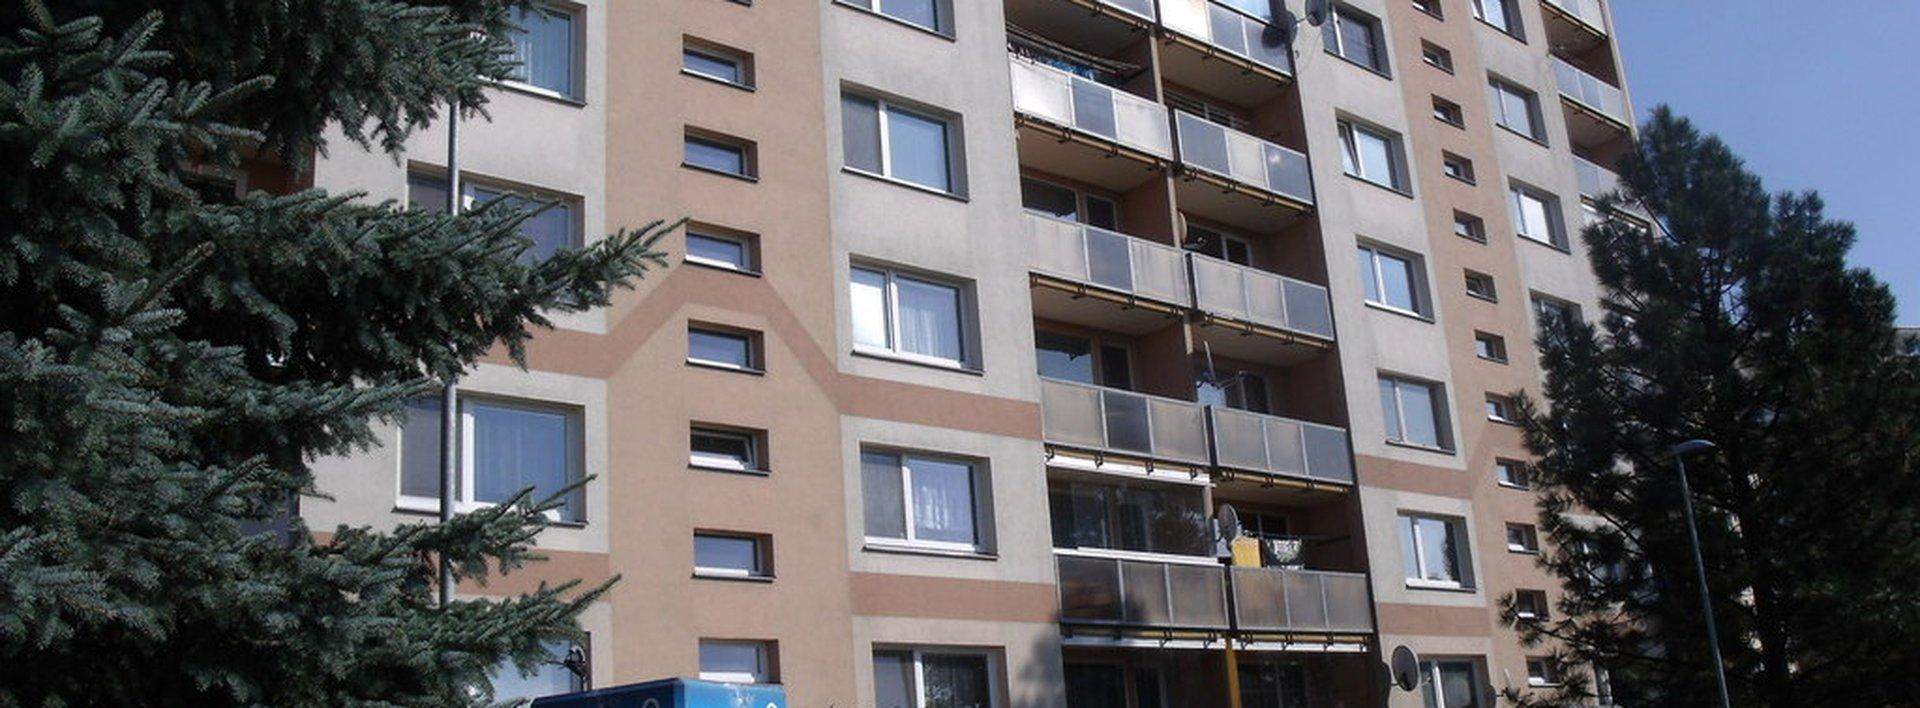 Prodej hezkého bytu 3+1/L v Hrádku nad Nisou - ul. Pod Tratí, Ev.č.: N46876